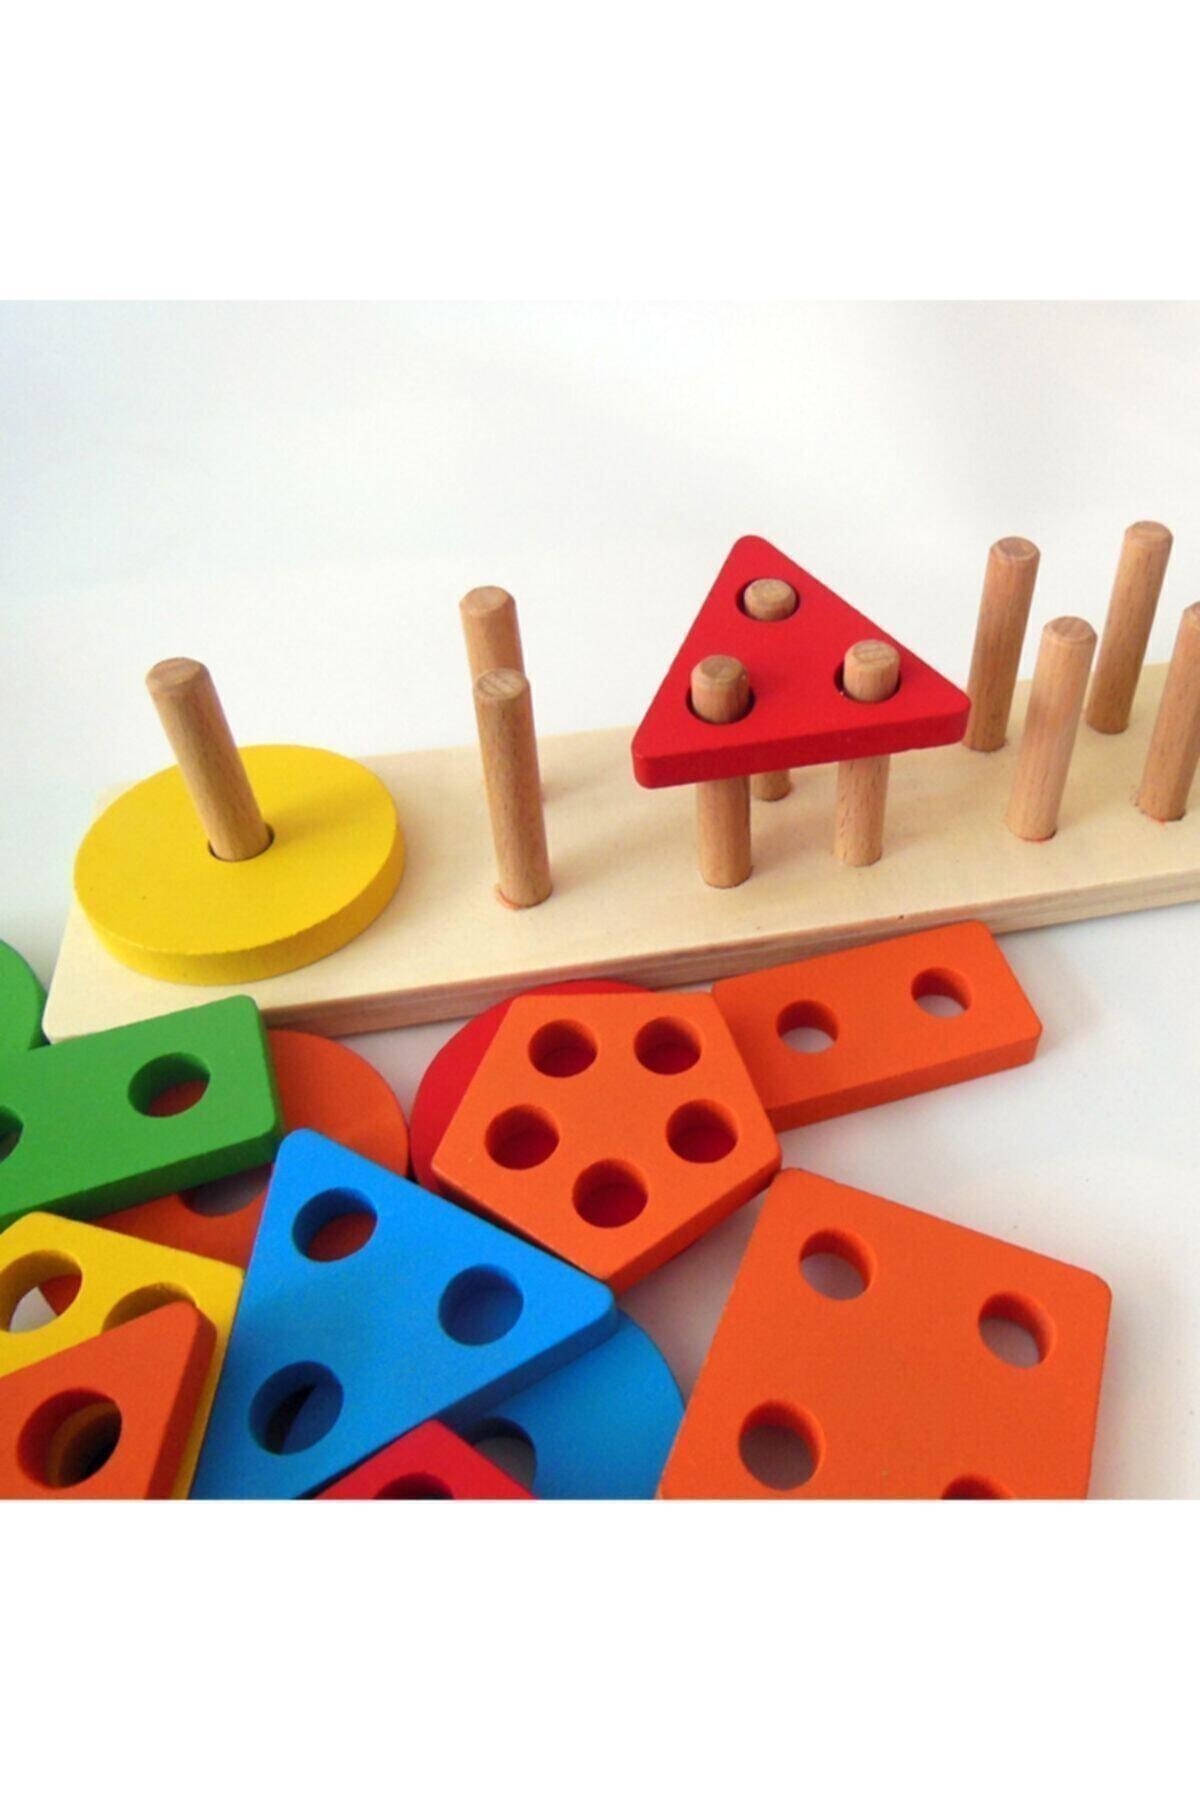 SİNKA Ahşap Eğitici 5'li Geometrik Şekil Yerleştirme Bultak Oyunu 2